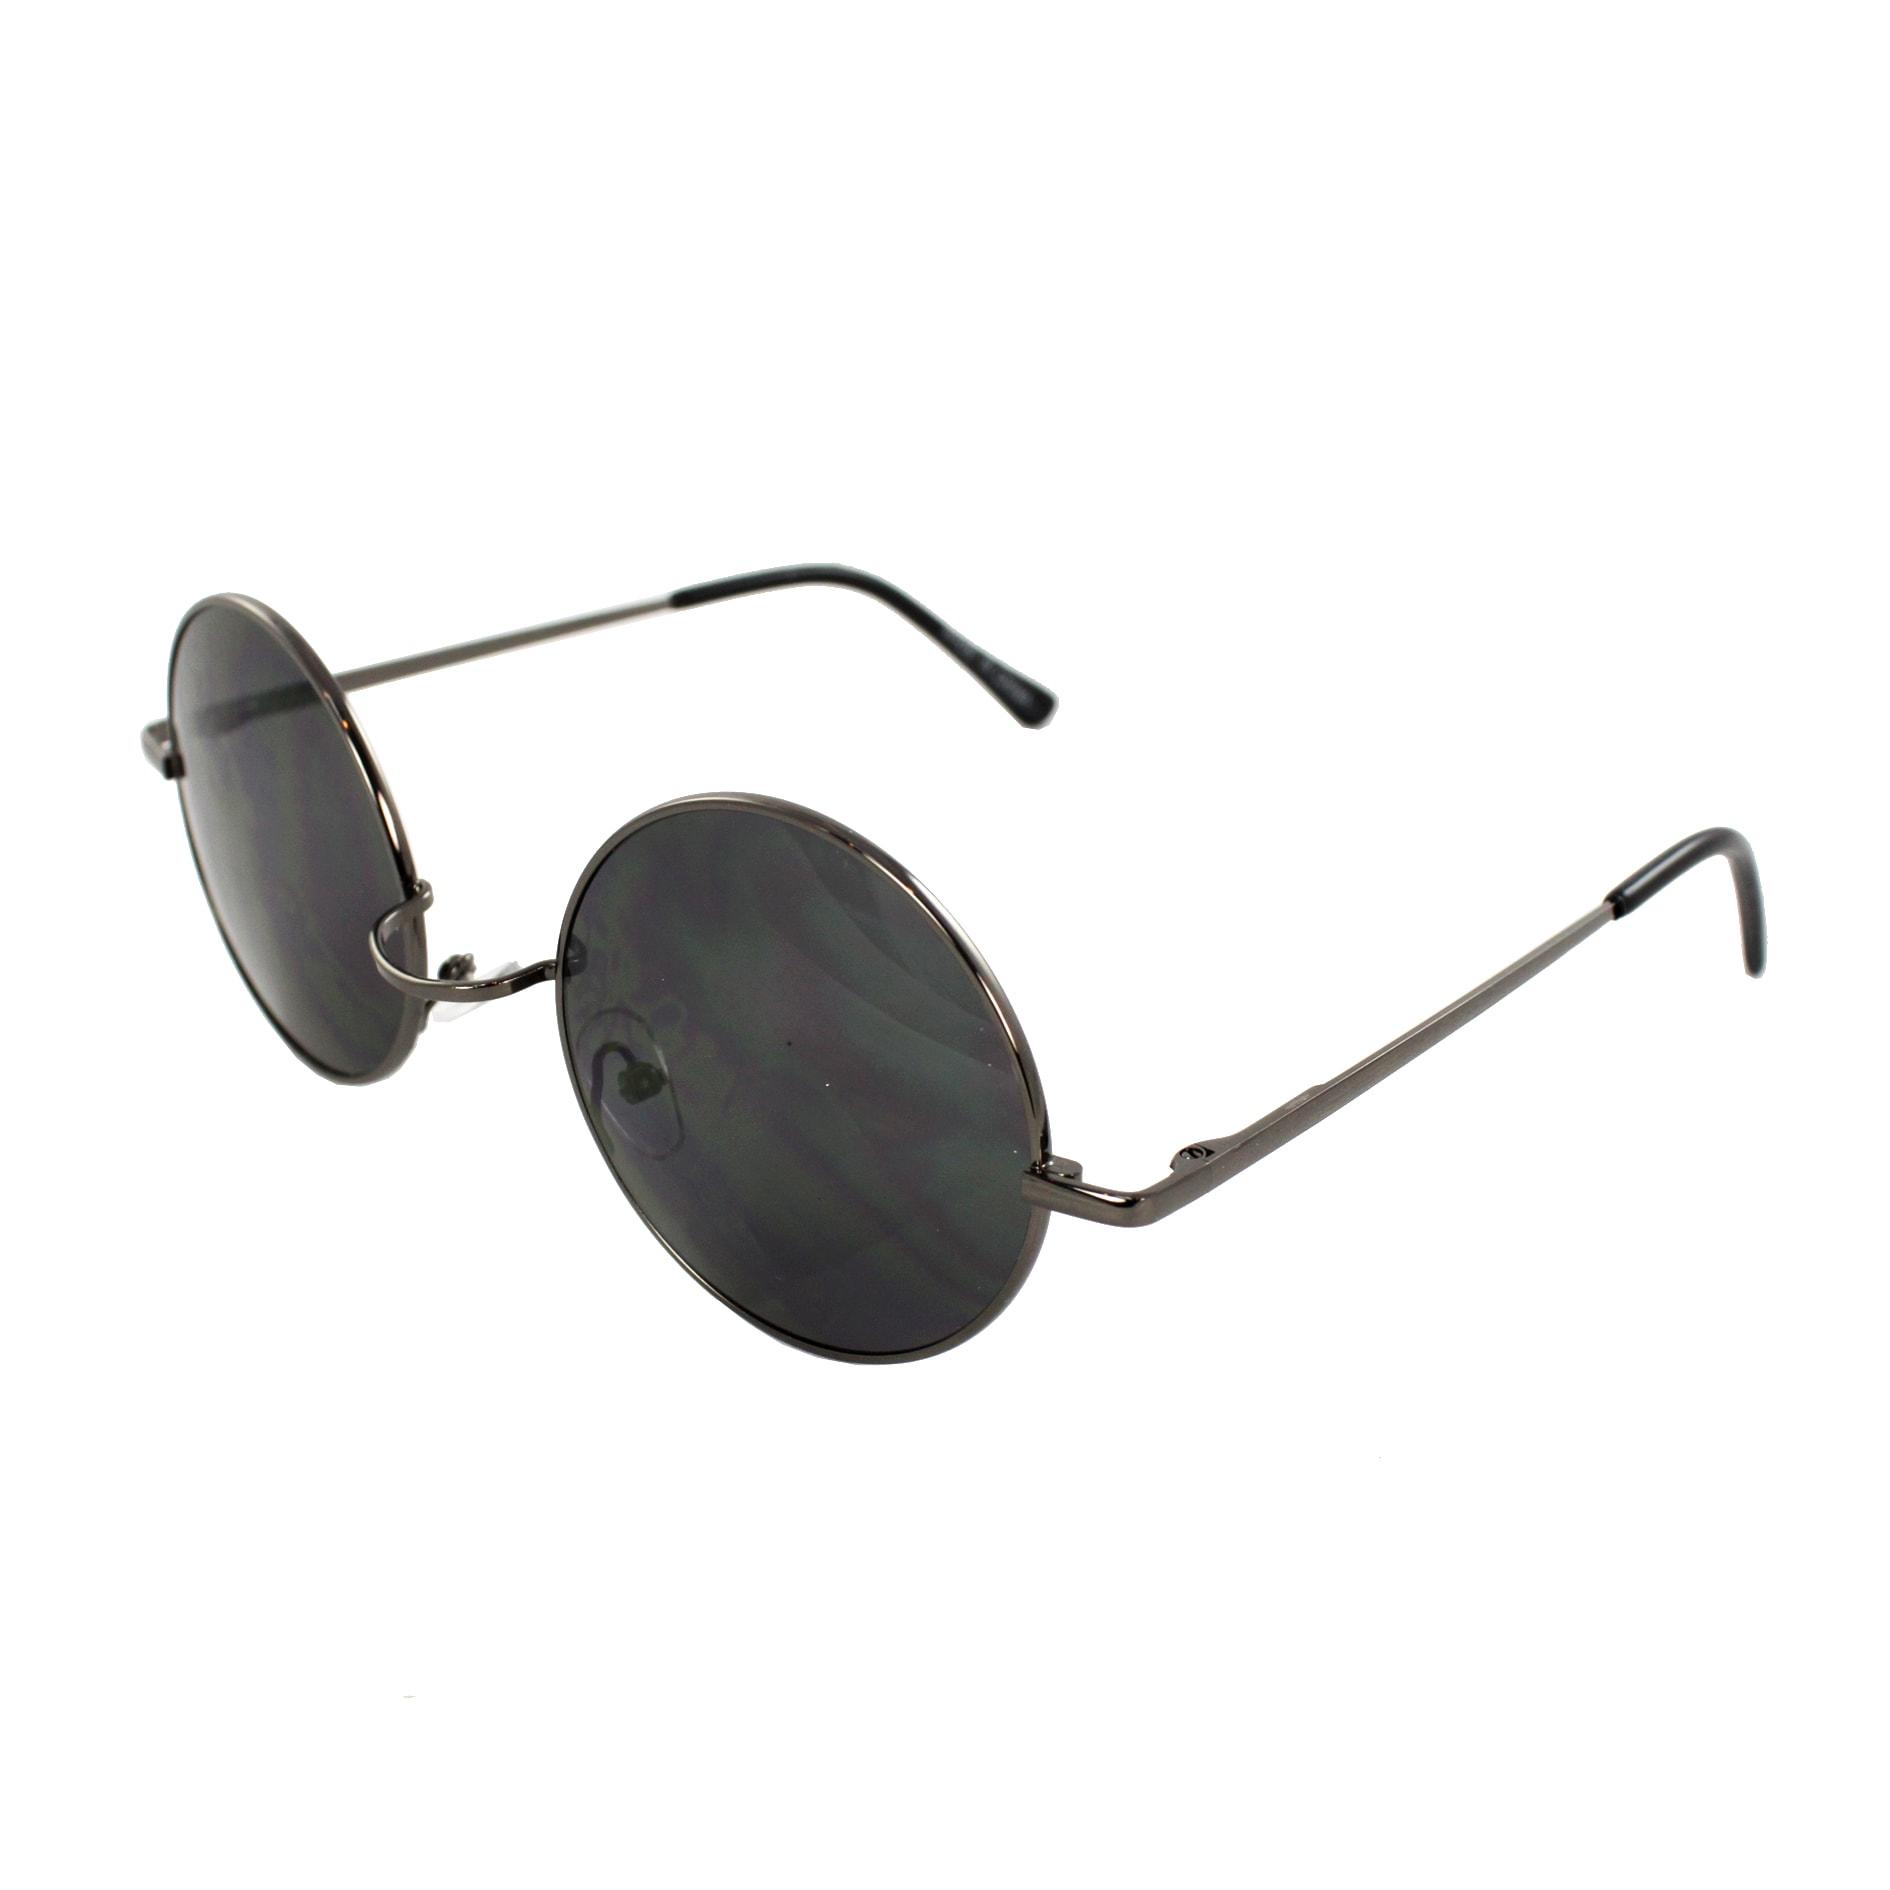 Retro Round Sunglasses Black Frame and Black Lenses for Women and Men